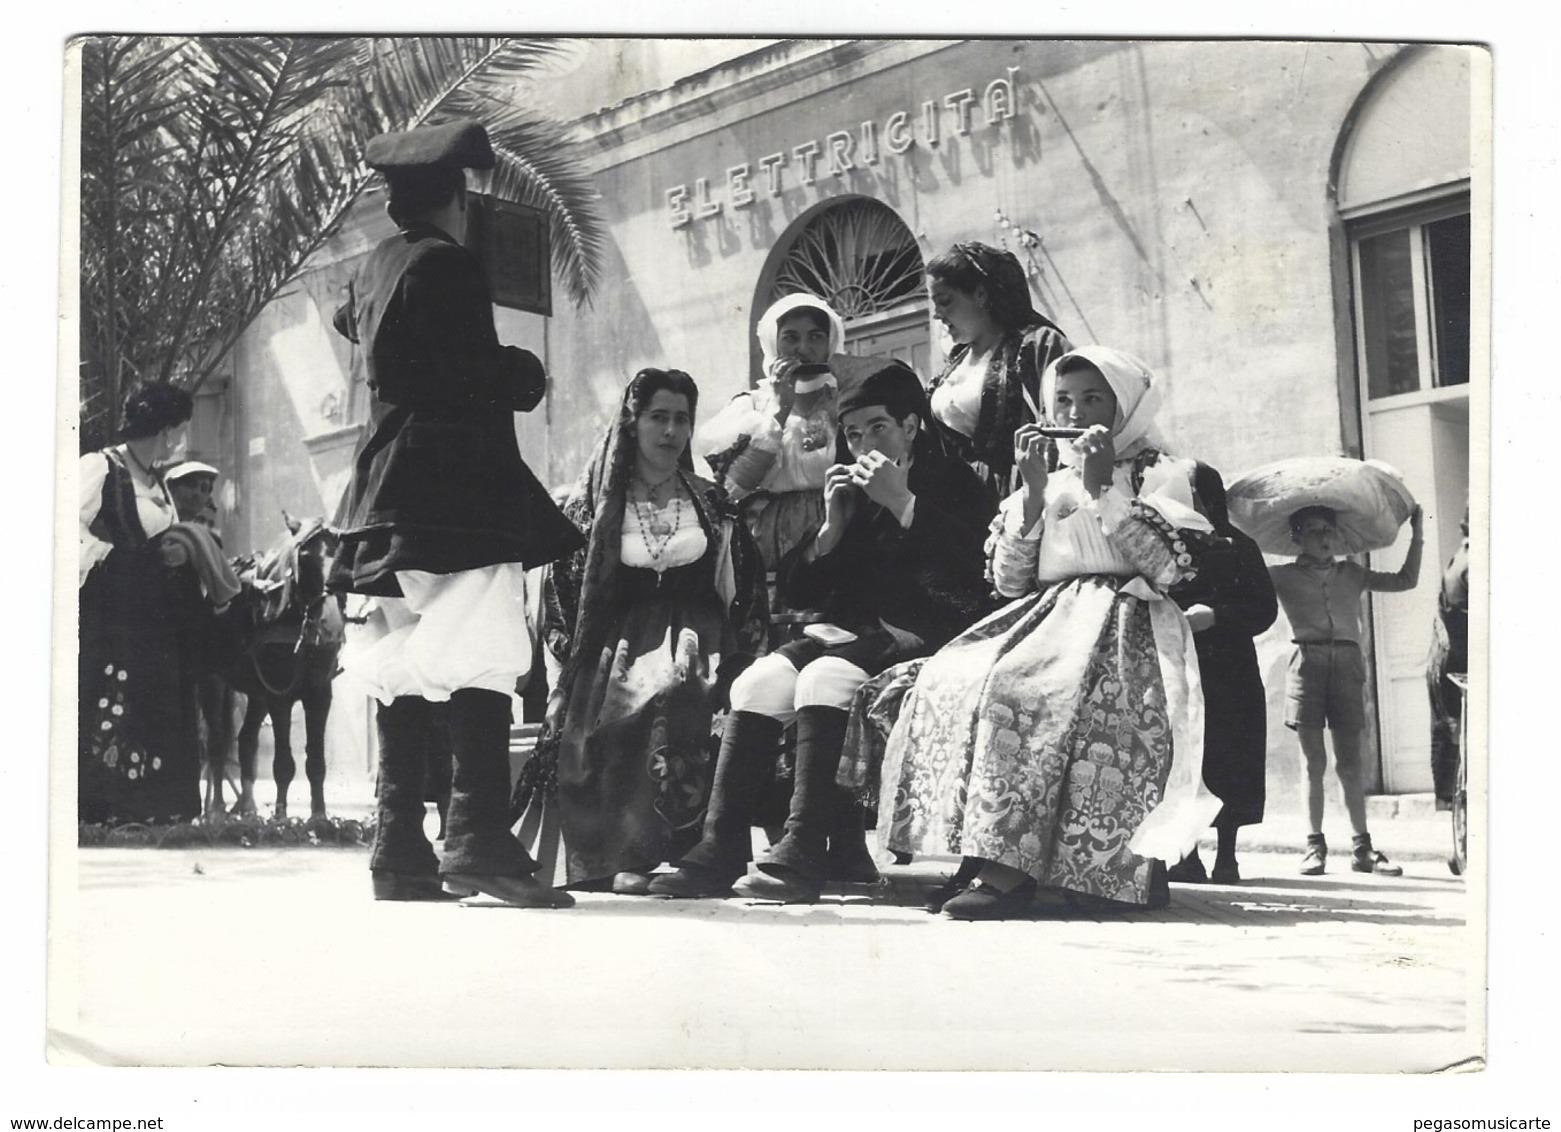 1118 - FOTO DI GRUPPO IN COSTUME TIPICO SARDO NEGOZIO ELETTRICITA' 1950 CIRCA SARDEGNA - Italia